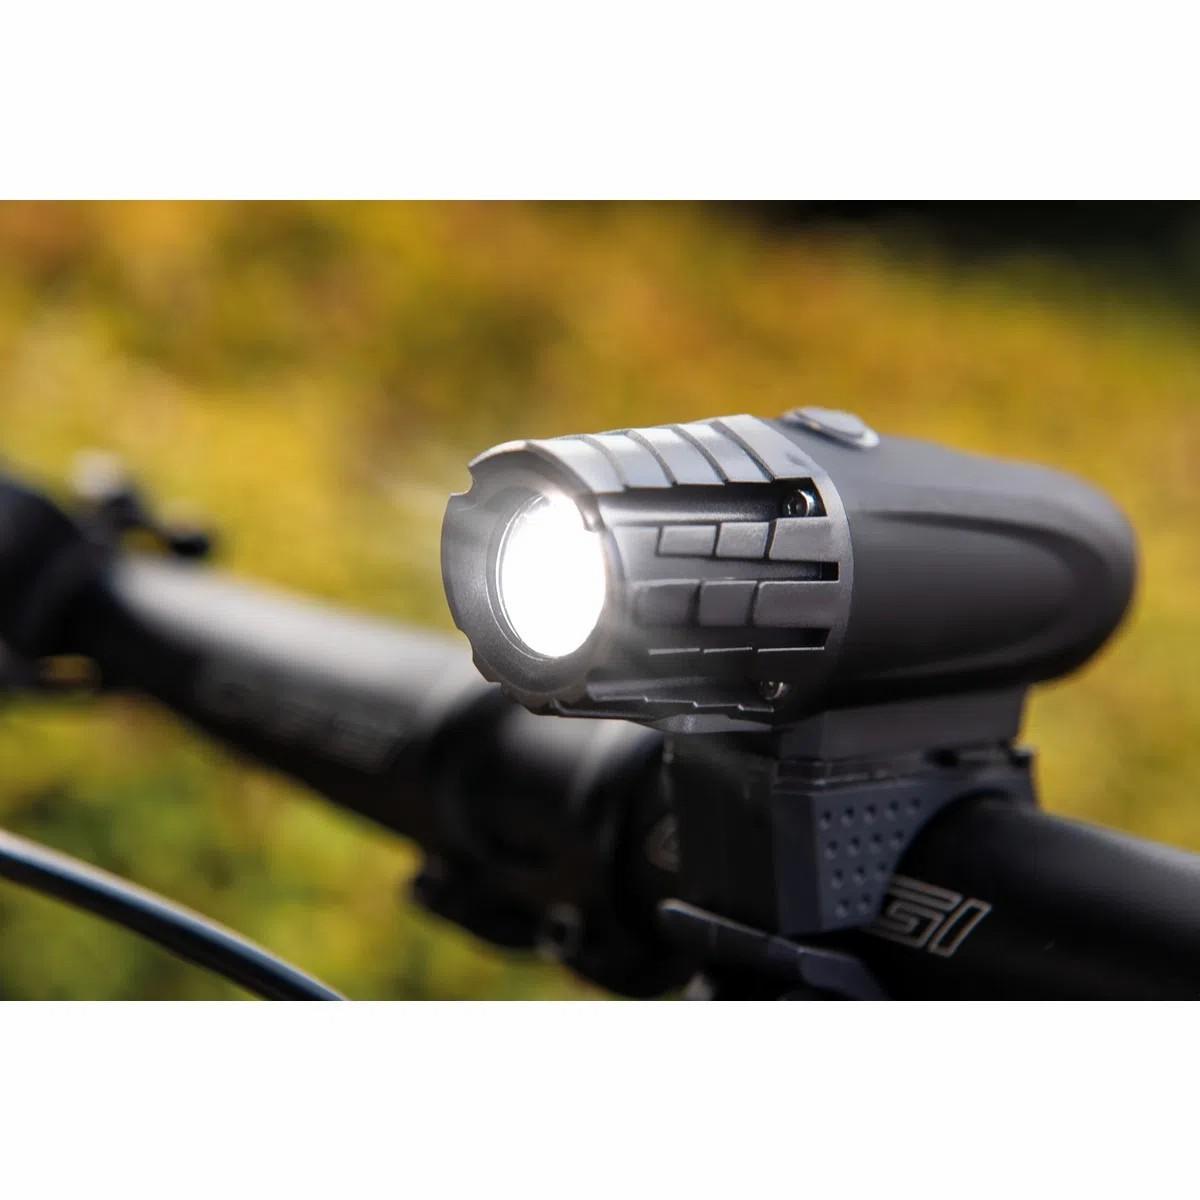 Lanterna de LED para Bicicleta Recarregável com Carregador USB - Tramontina